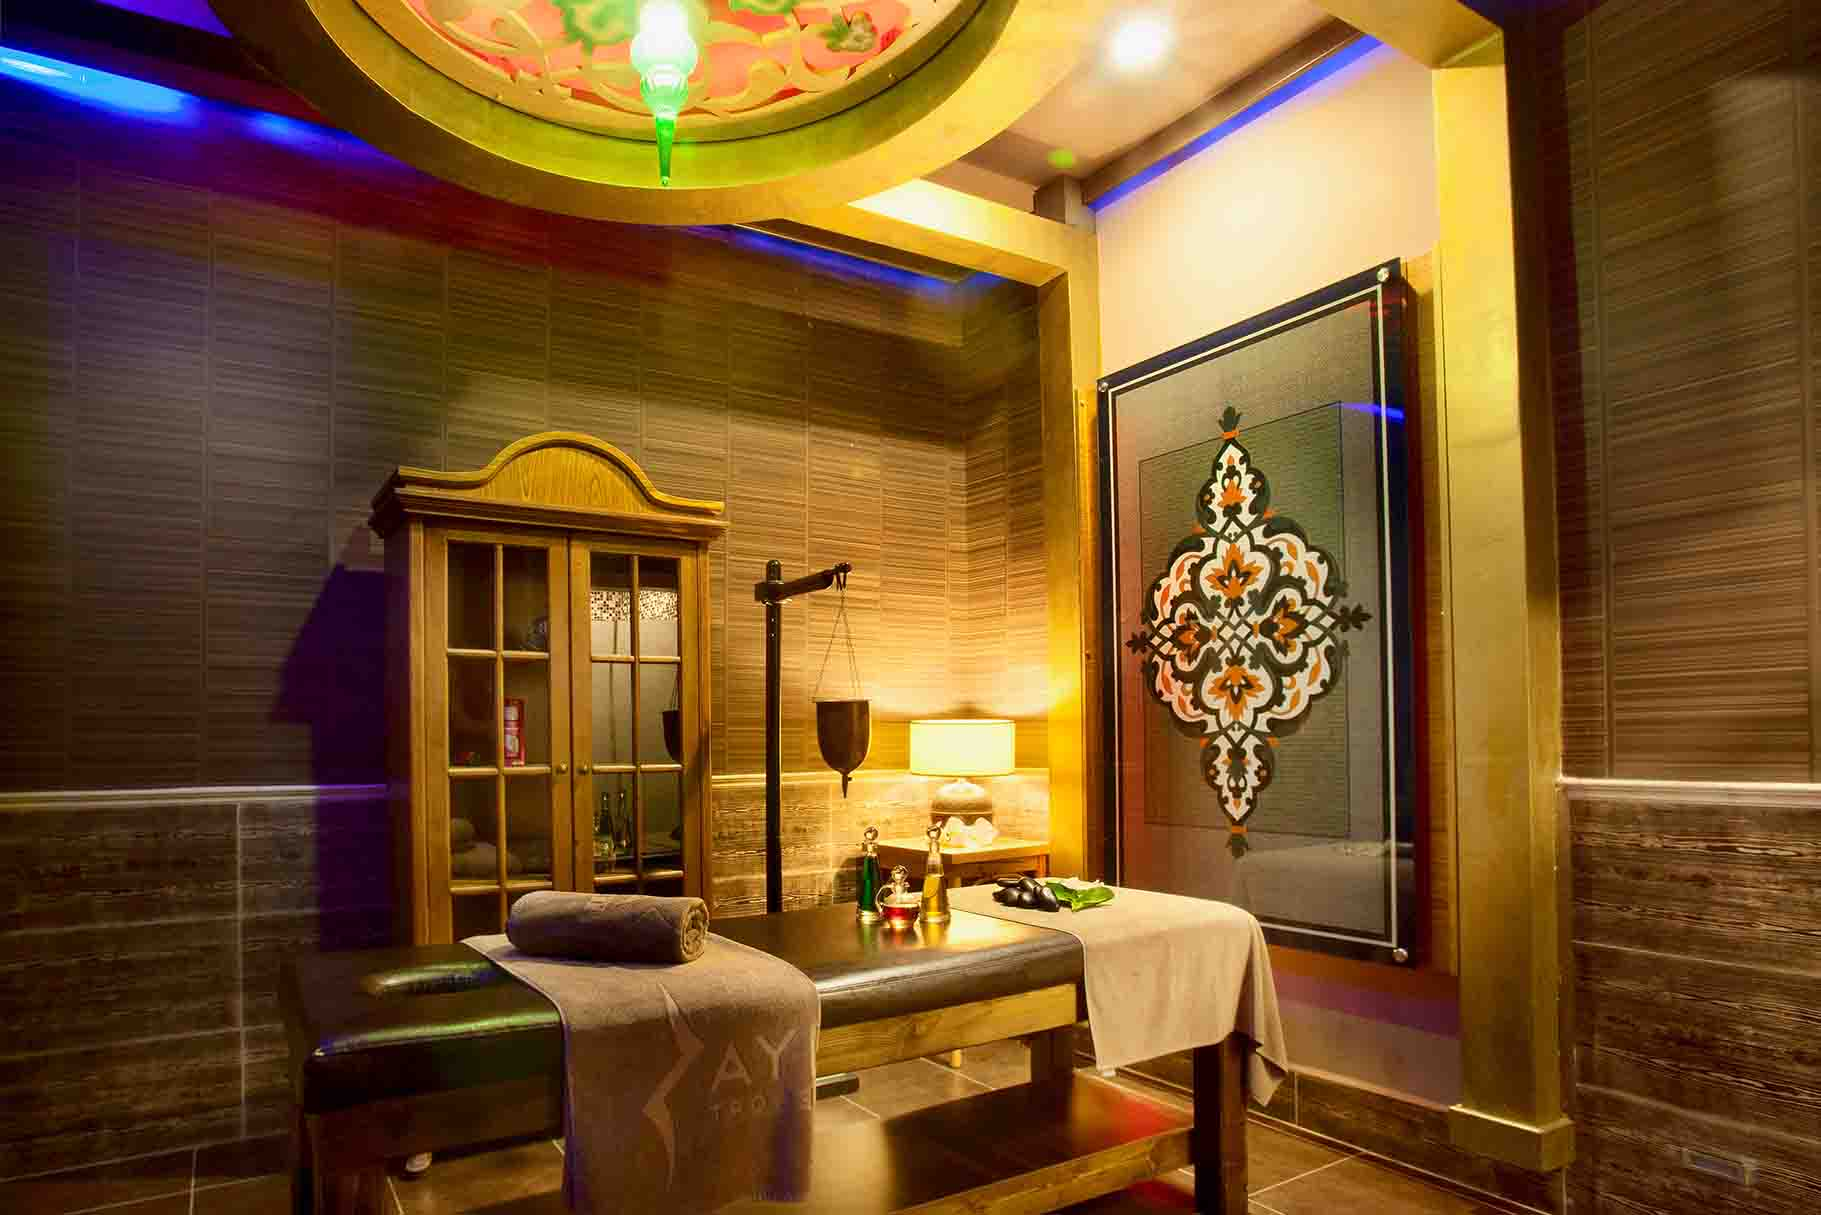 ADENYA HOTEL262301